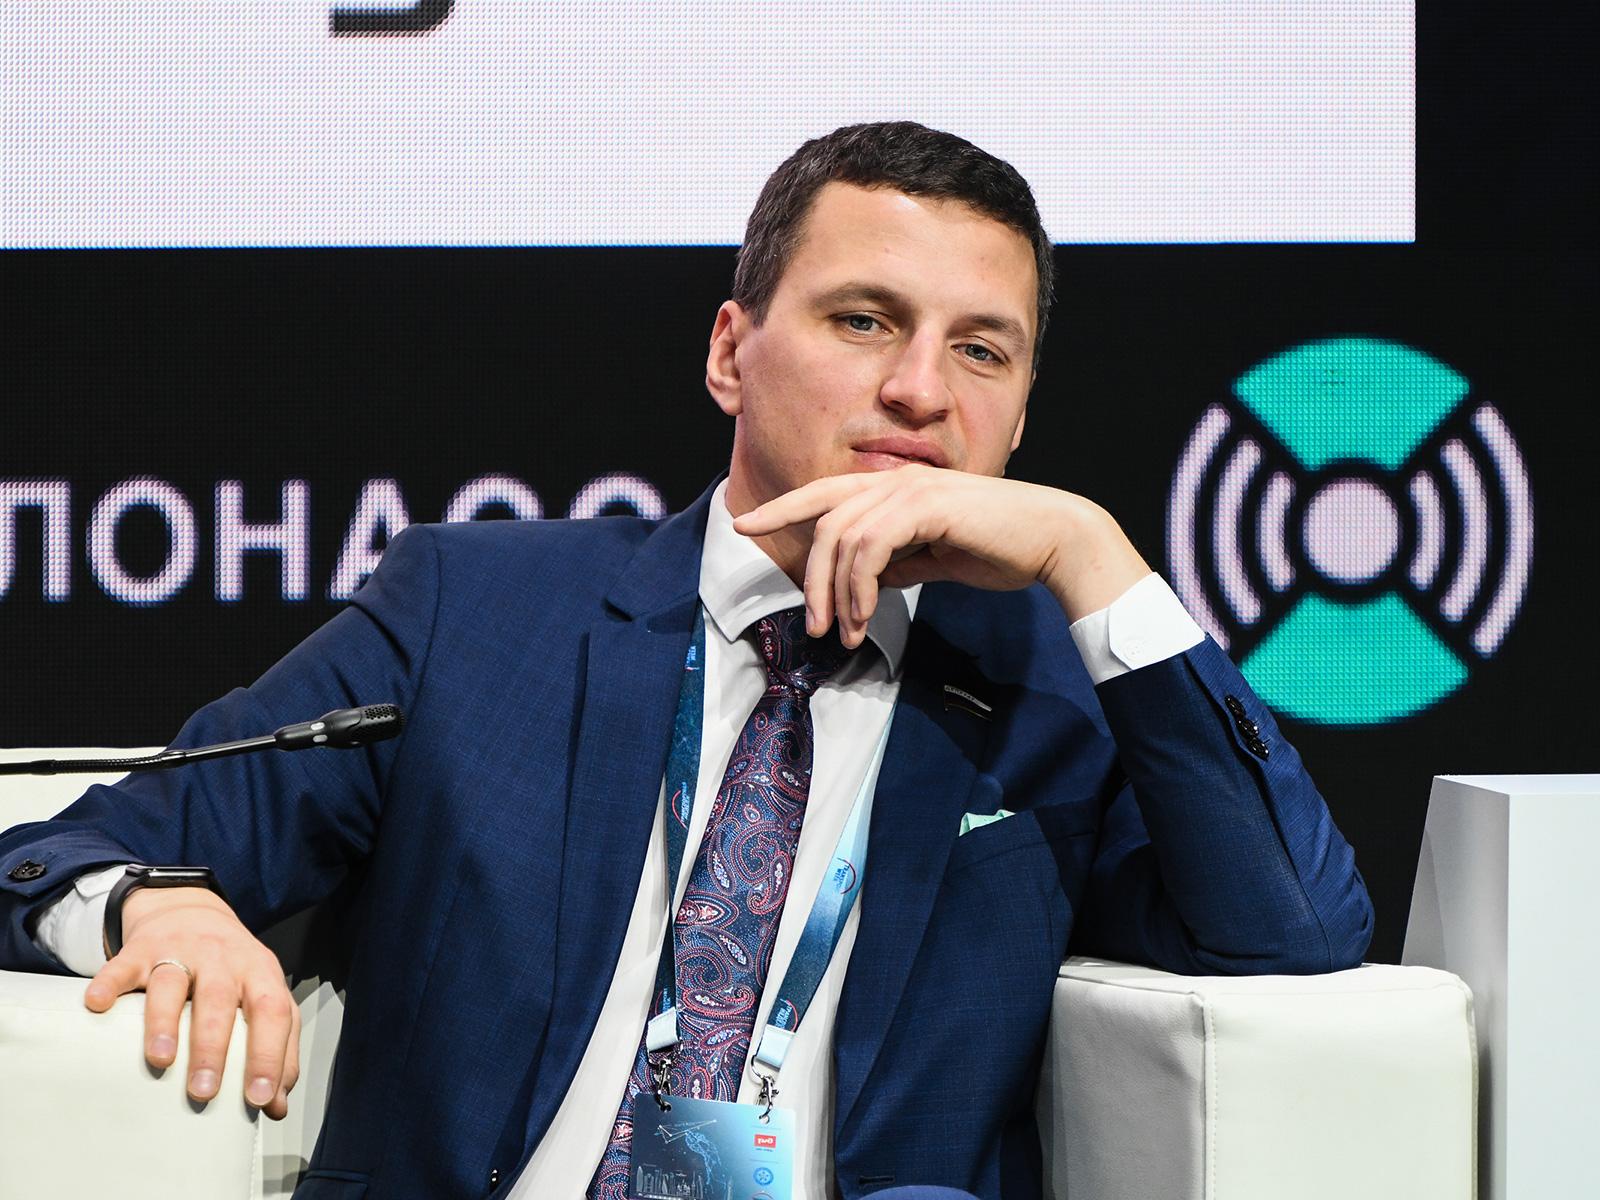 Депутат Госдумы Александр Васильев рассказал о взаимодействии Росгвардии и ЭРА-ГЛОНАСС (видео)